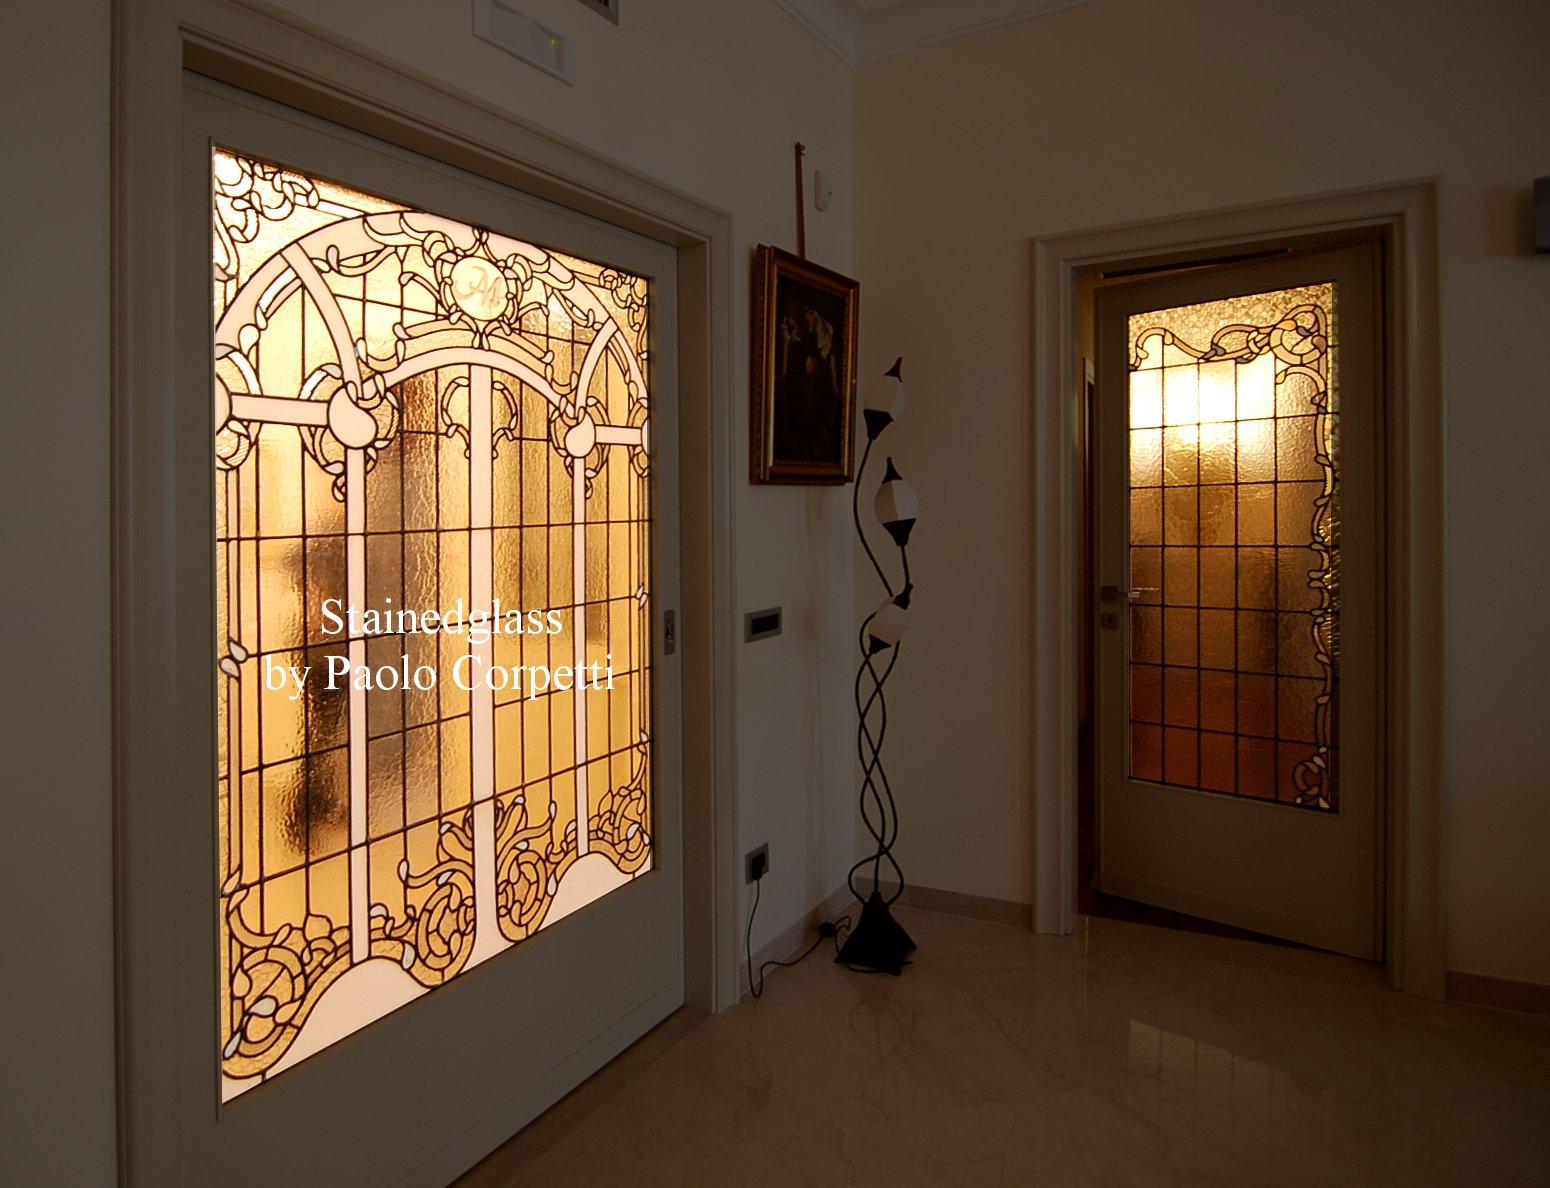 Vetrate artistiche roma by paolo corpetti vetrata bianca for Porte in vetro per cappelle cimiteriali